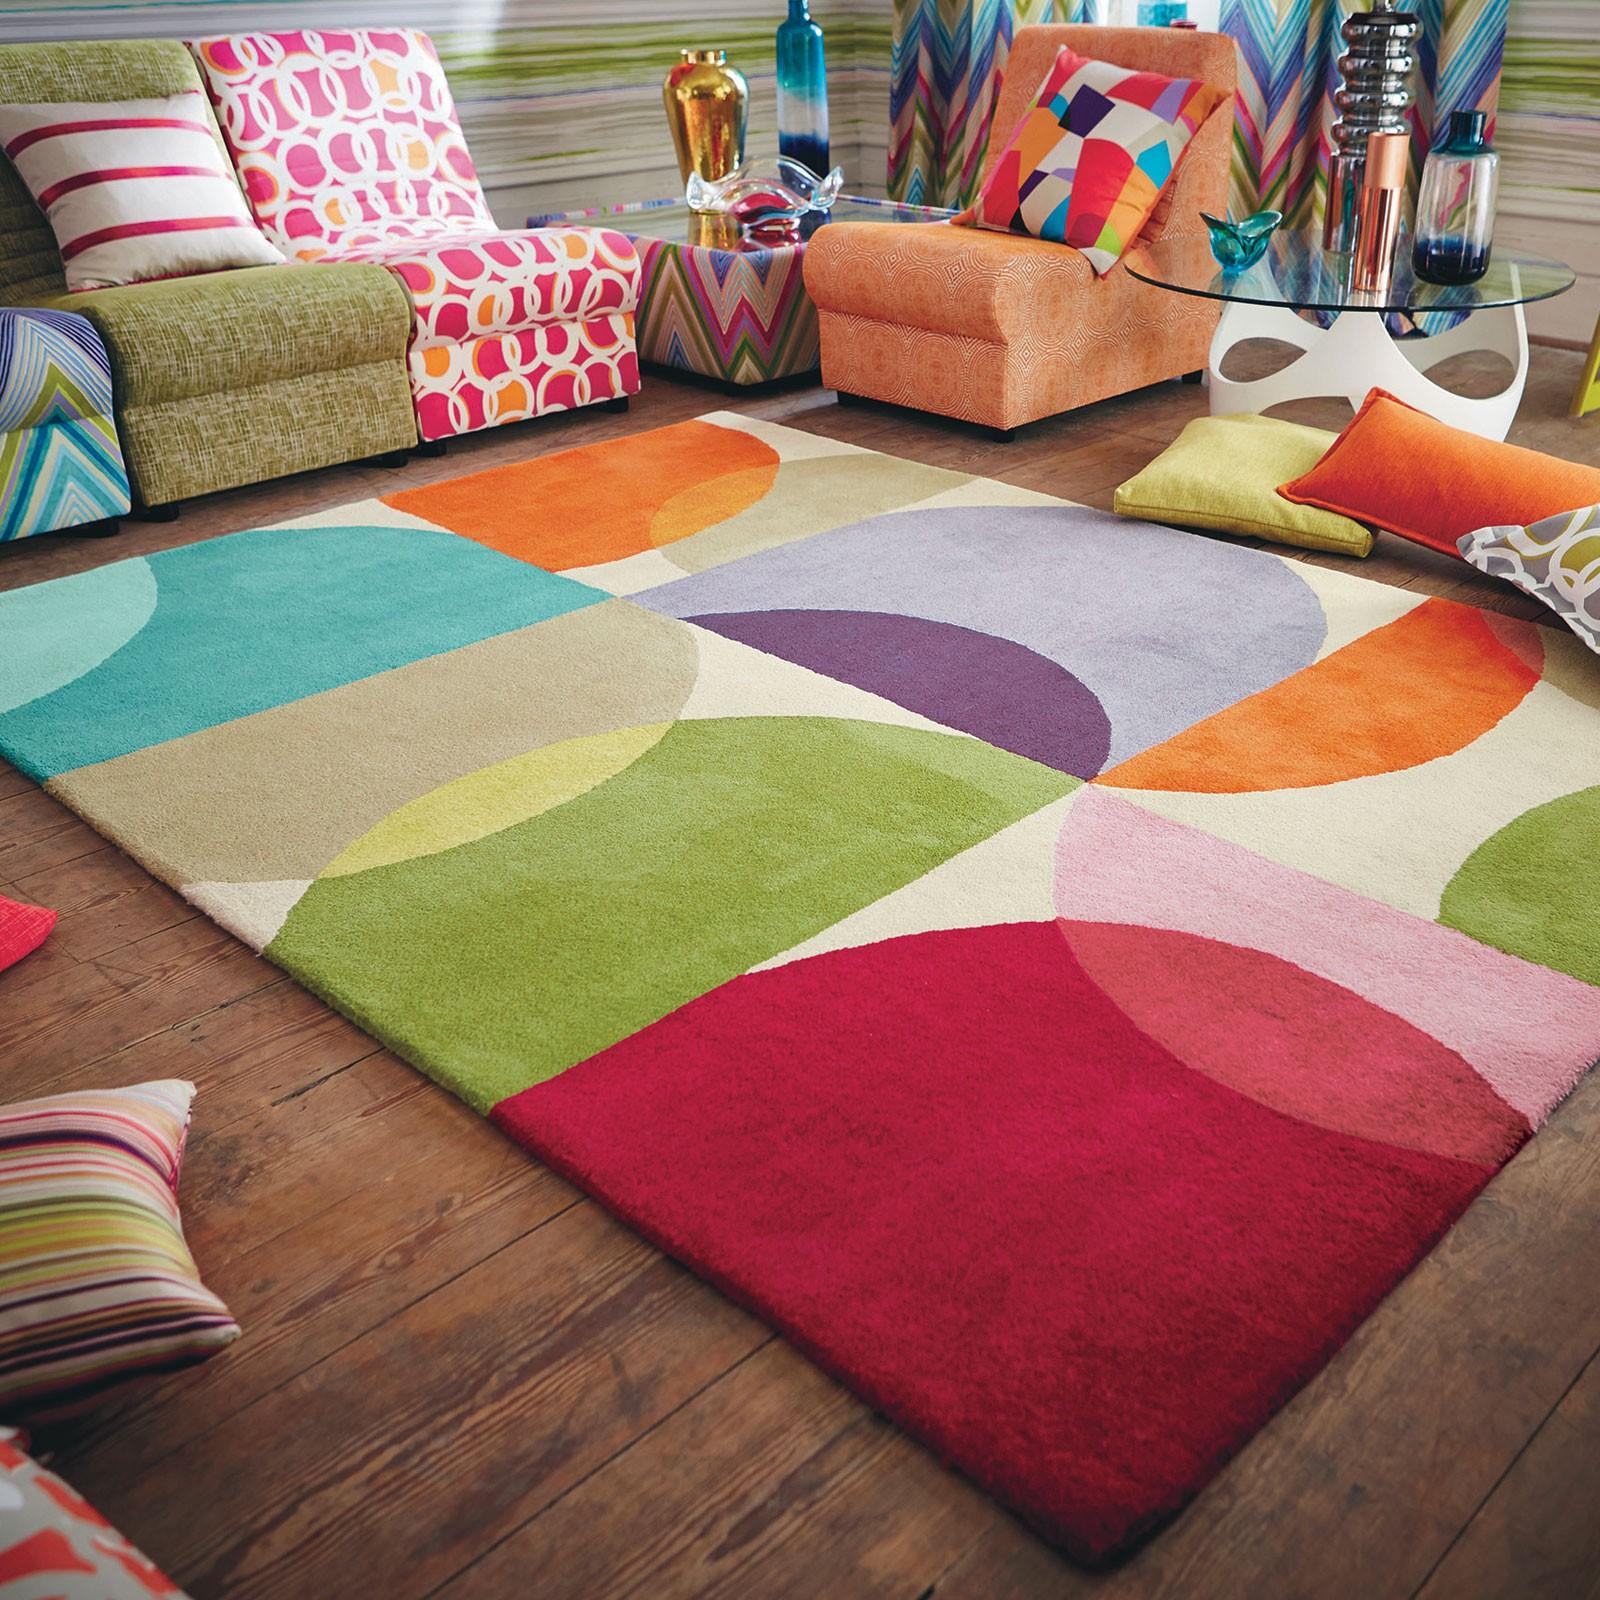 Gợi ý 14 mẫu thảm trải sàn rực rỡ giúp căn phòng biến thành cầu vồng đẹp mắt - Ảnh 13.